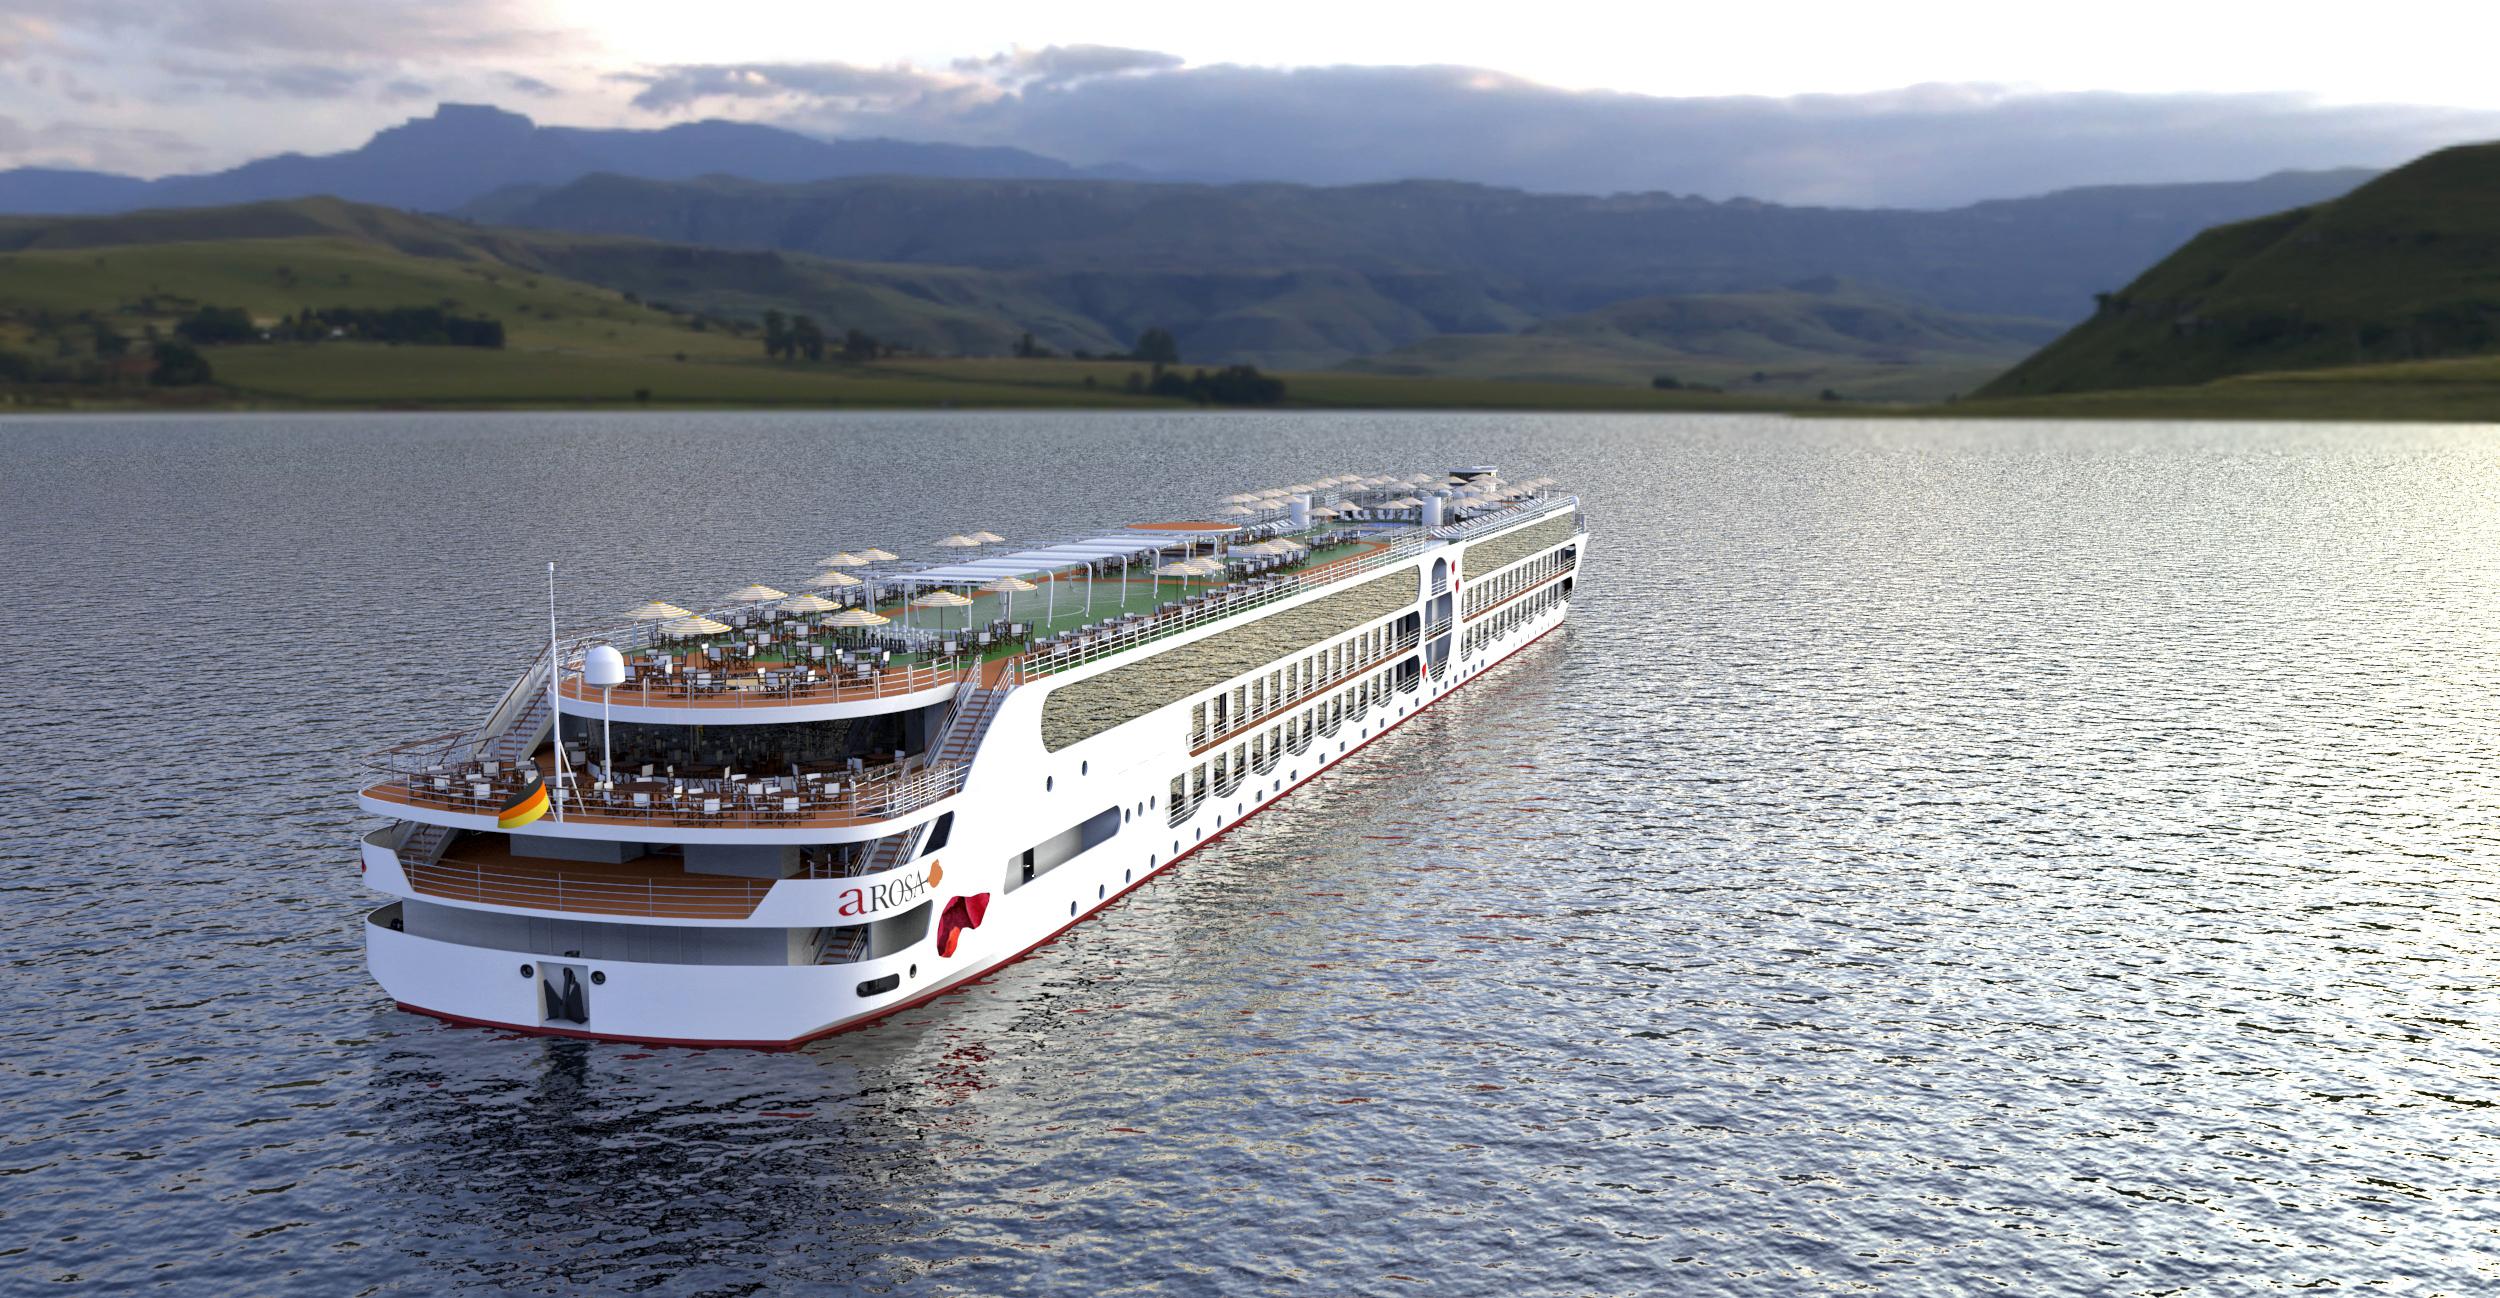 Statt der bisher üblichen Breite von 11,4 Meter weist das für das Fahrtgebiet nördlicher Rhein vorgesehene Batterieschiff 17,7 Meter auf.